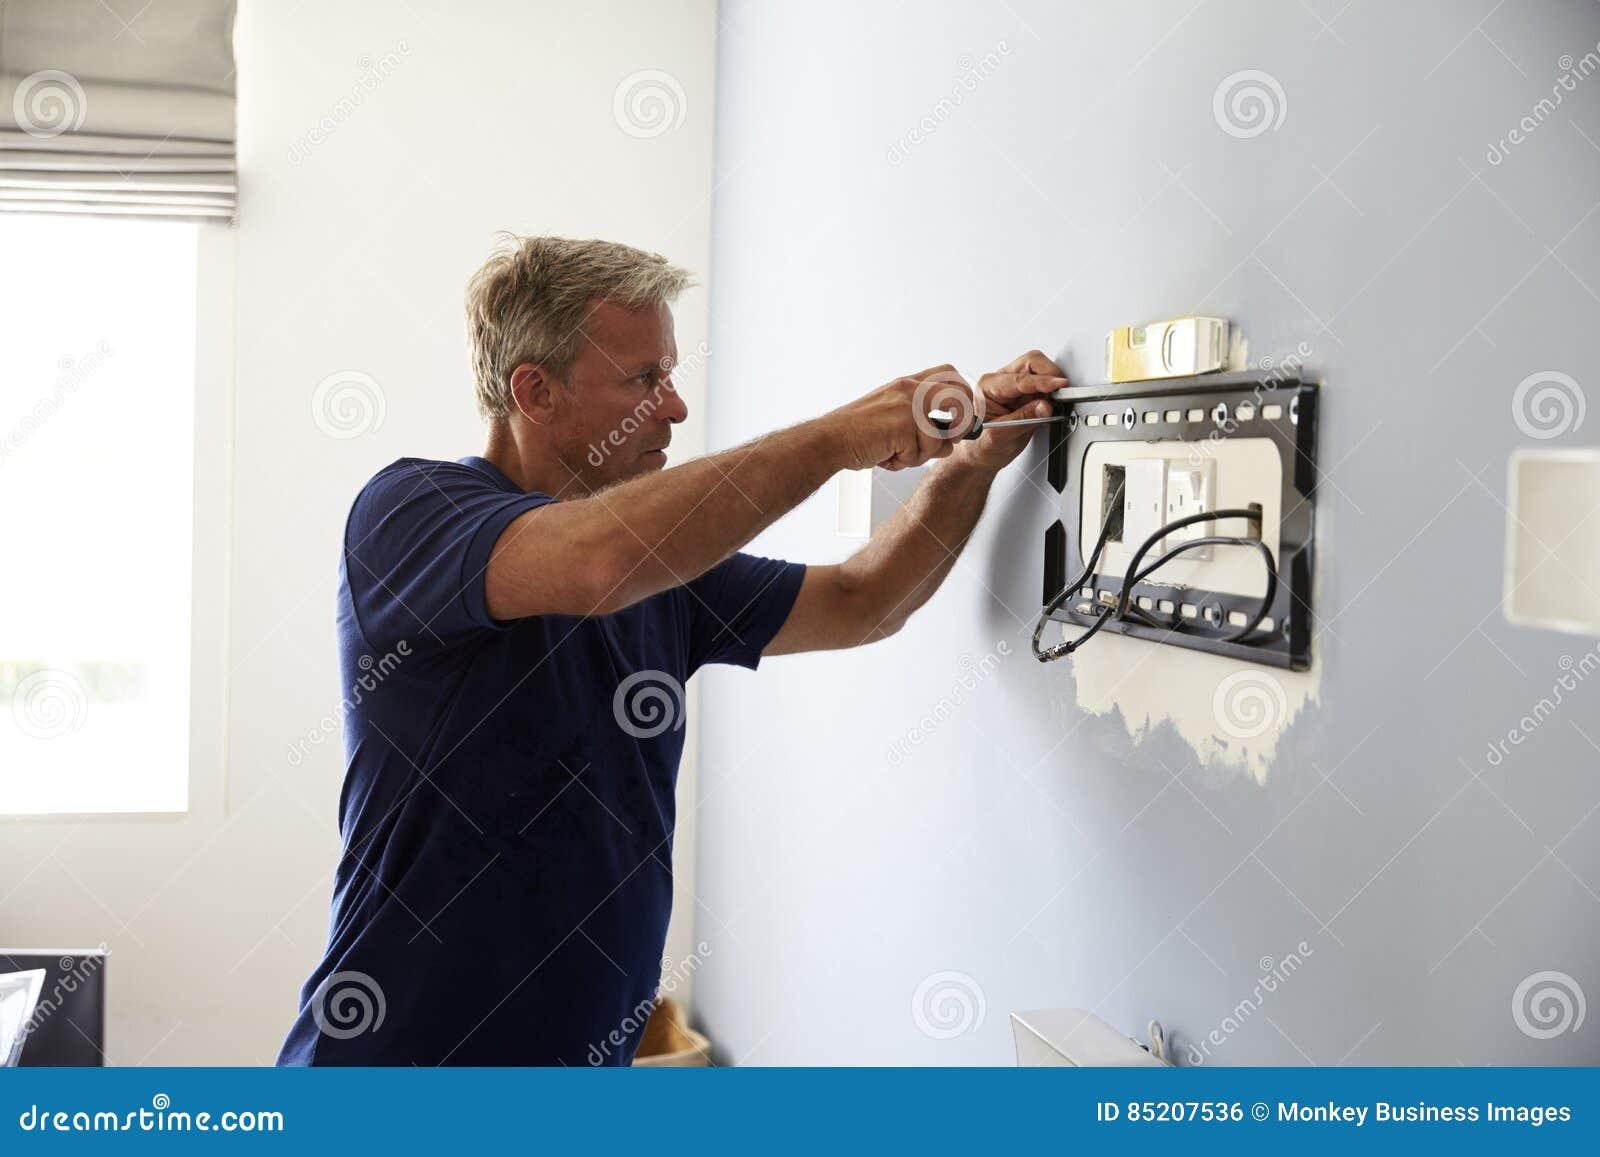 Manmonteringskonsol för TV för plan skärm på väggen